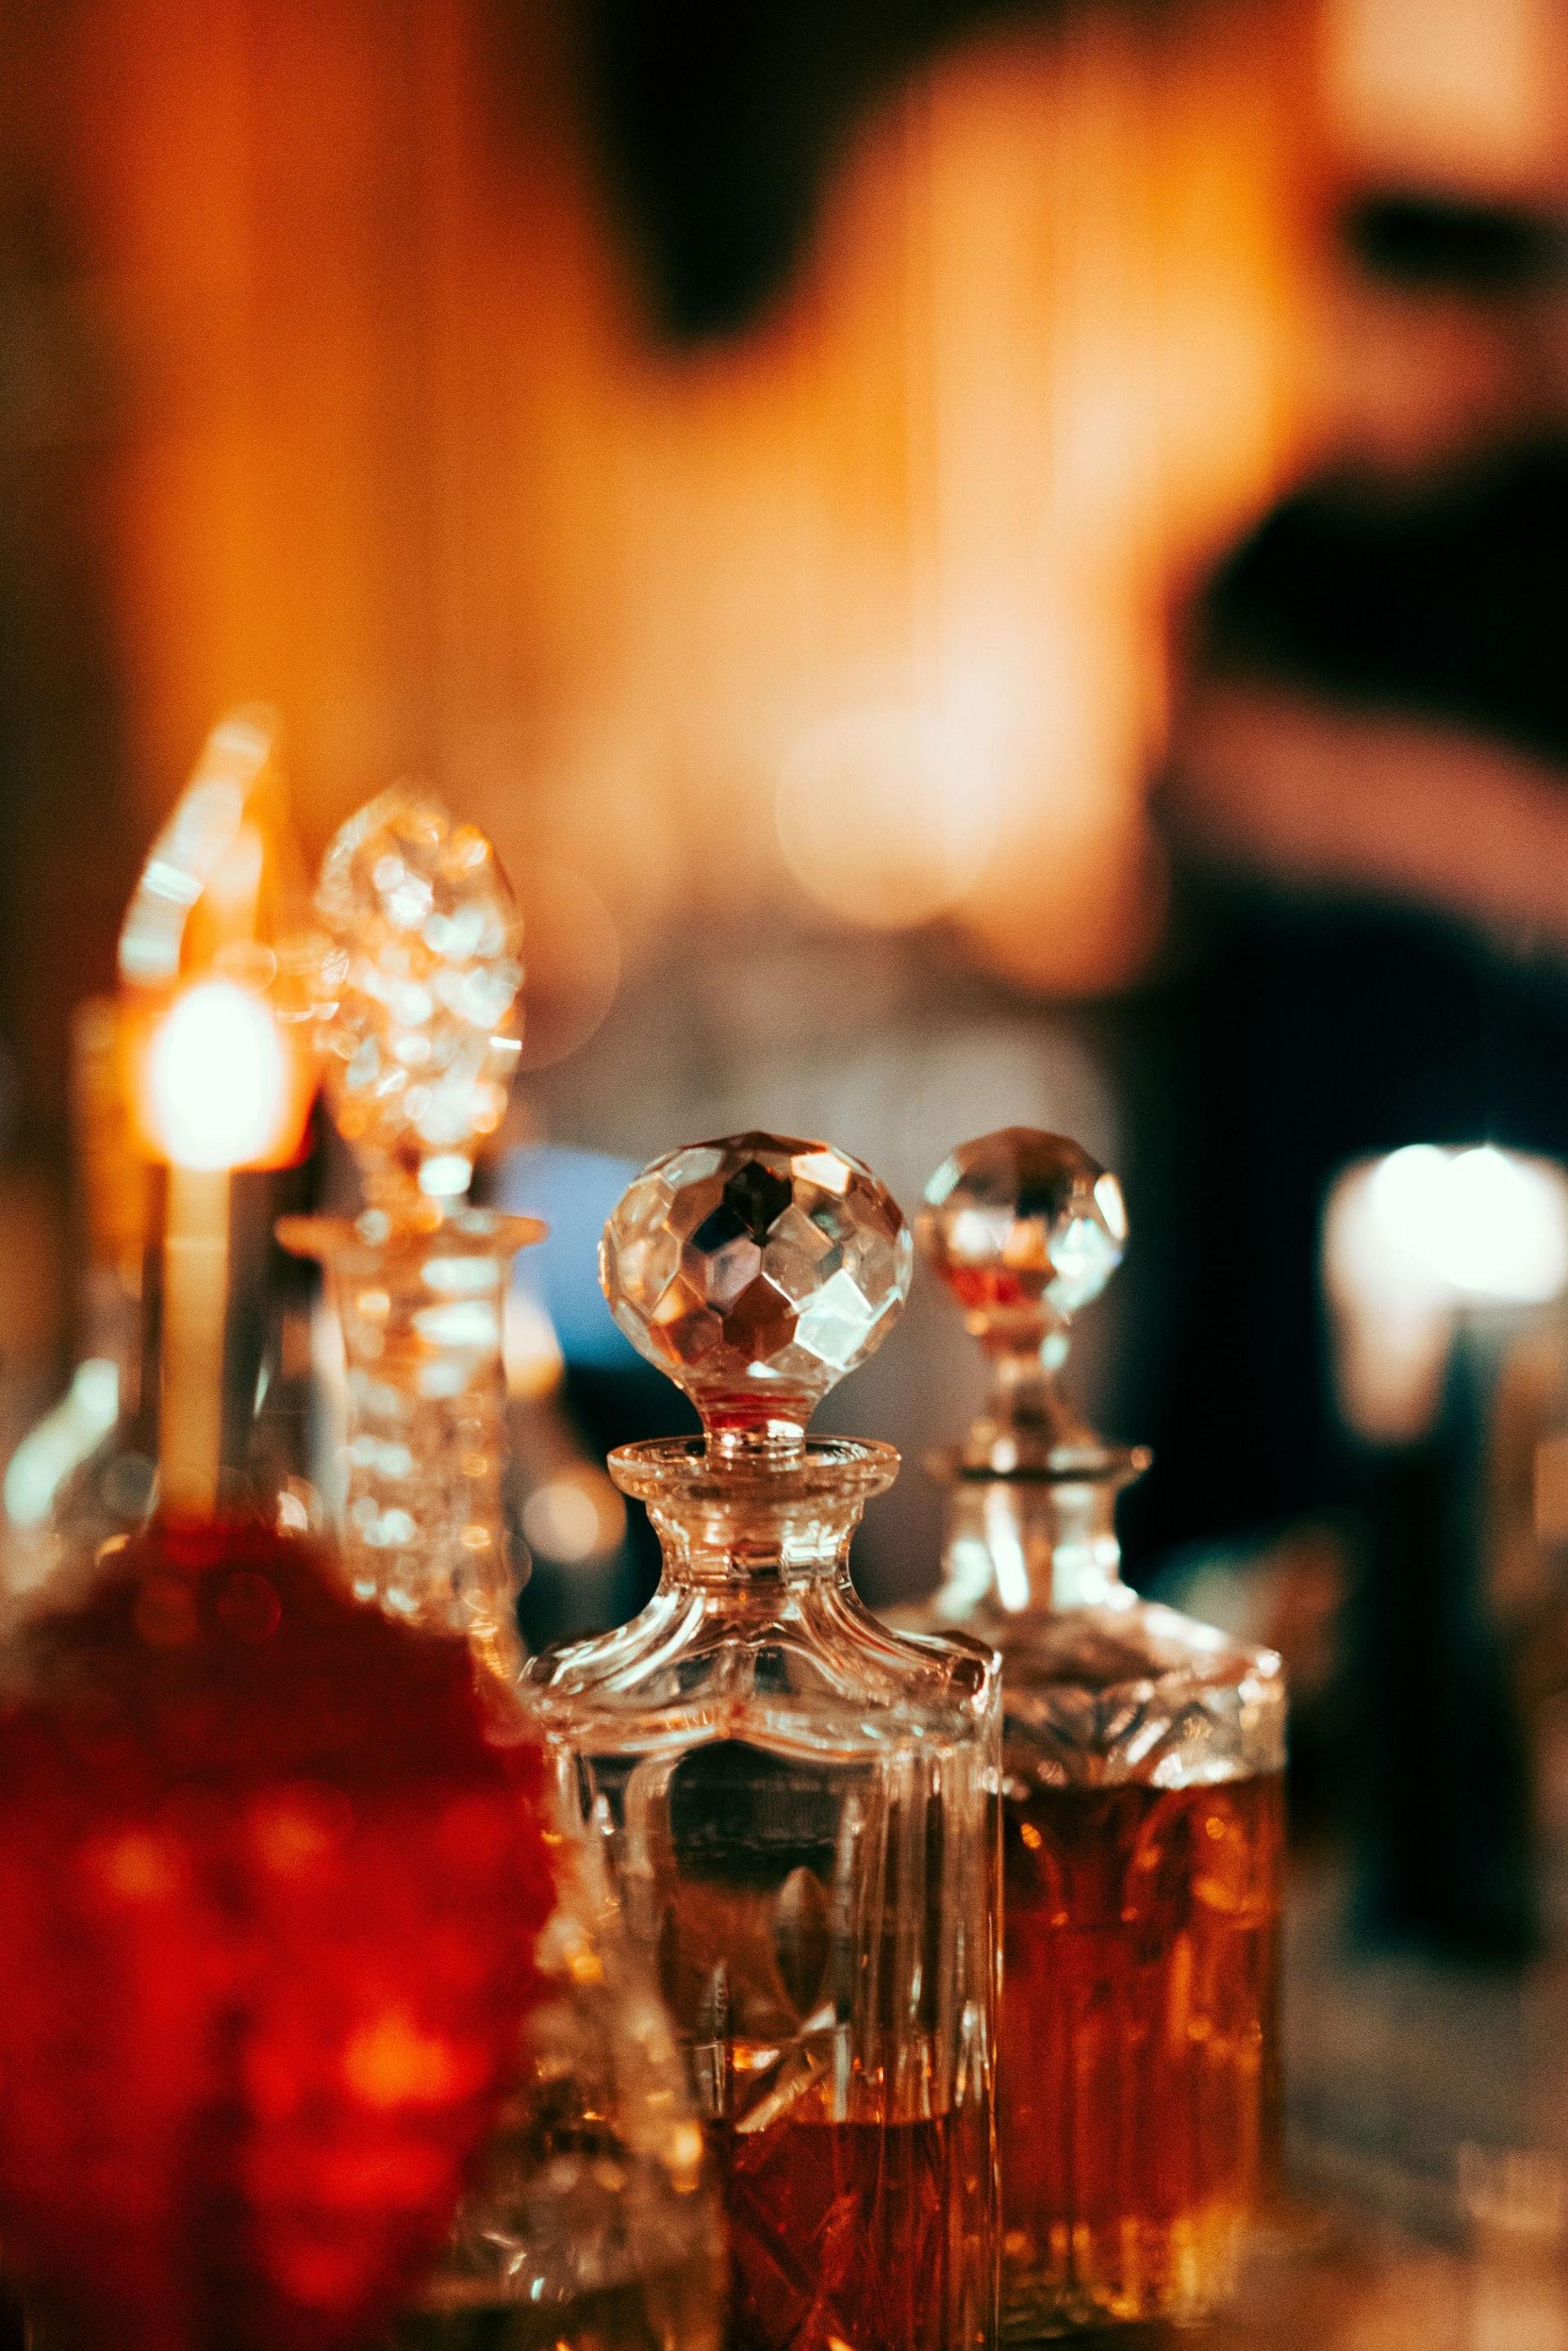 好的酒,就是好的酒,要說誰比誰更佳根本無意思。